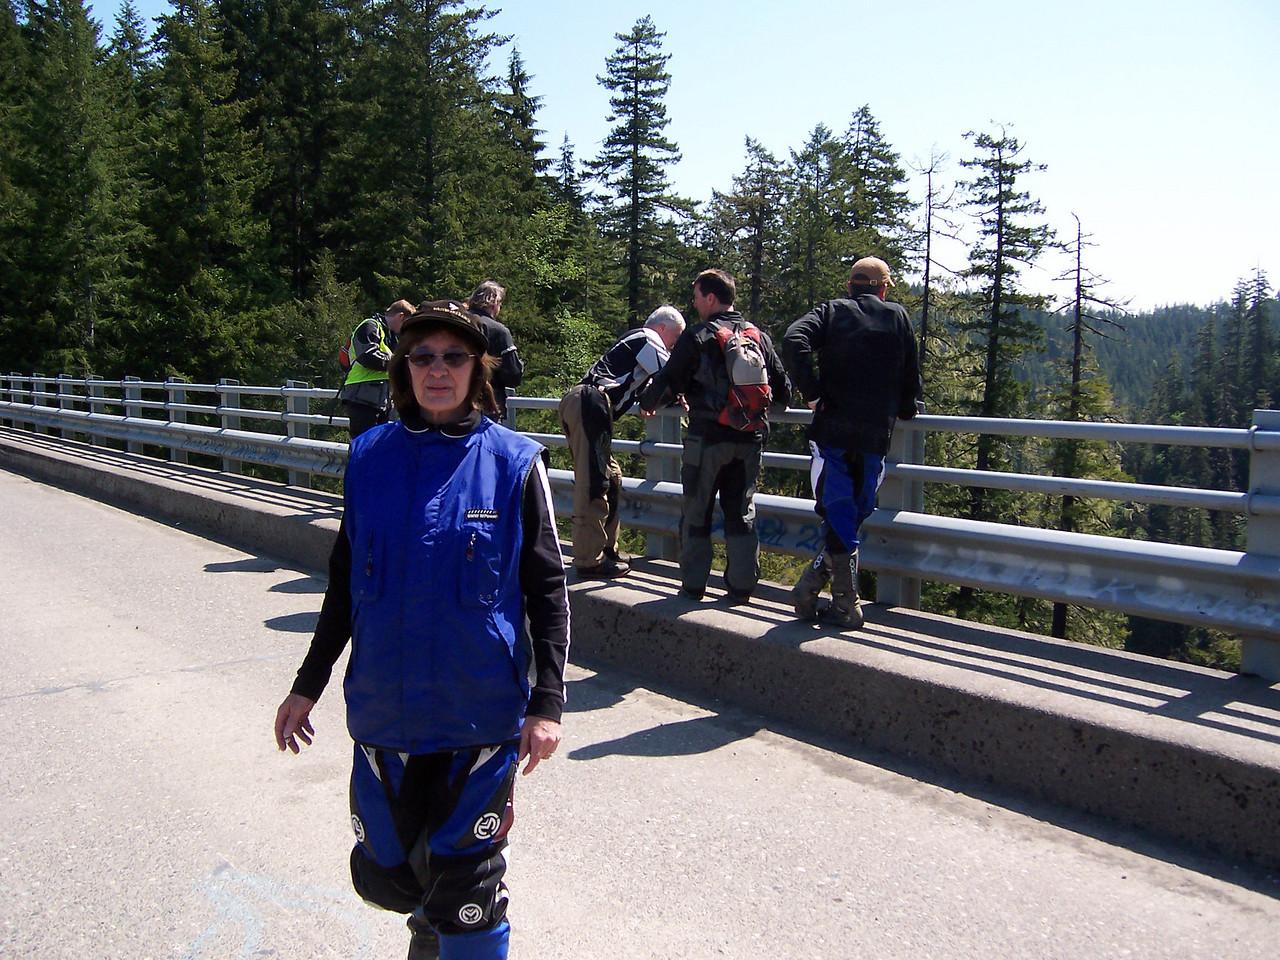 High Steel Bridge on 2340.